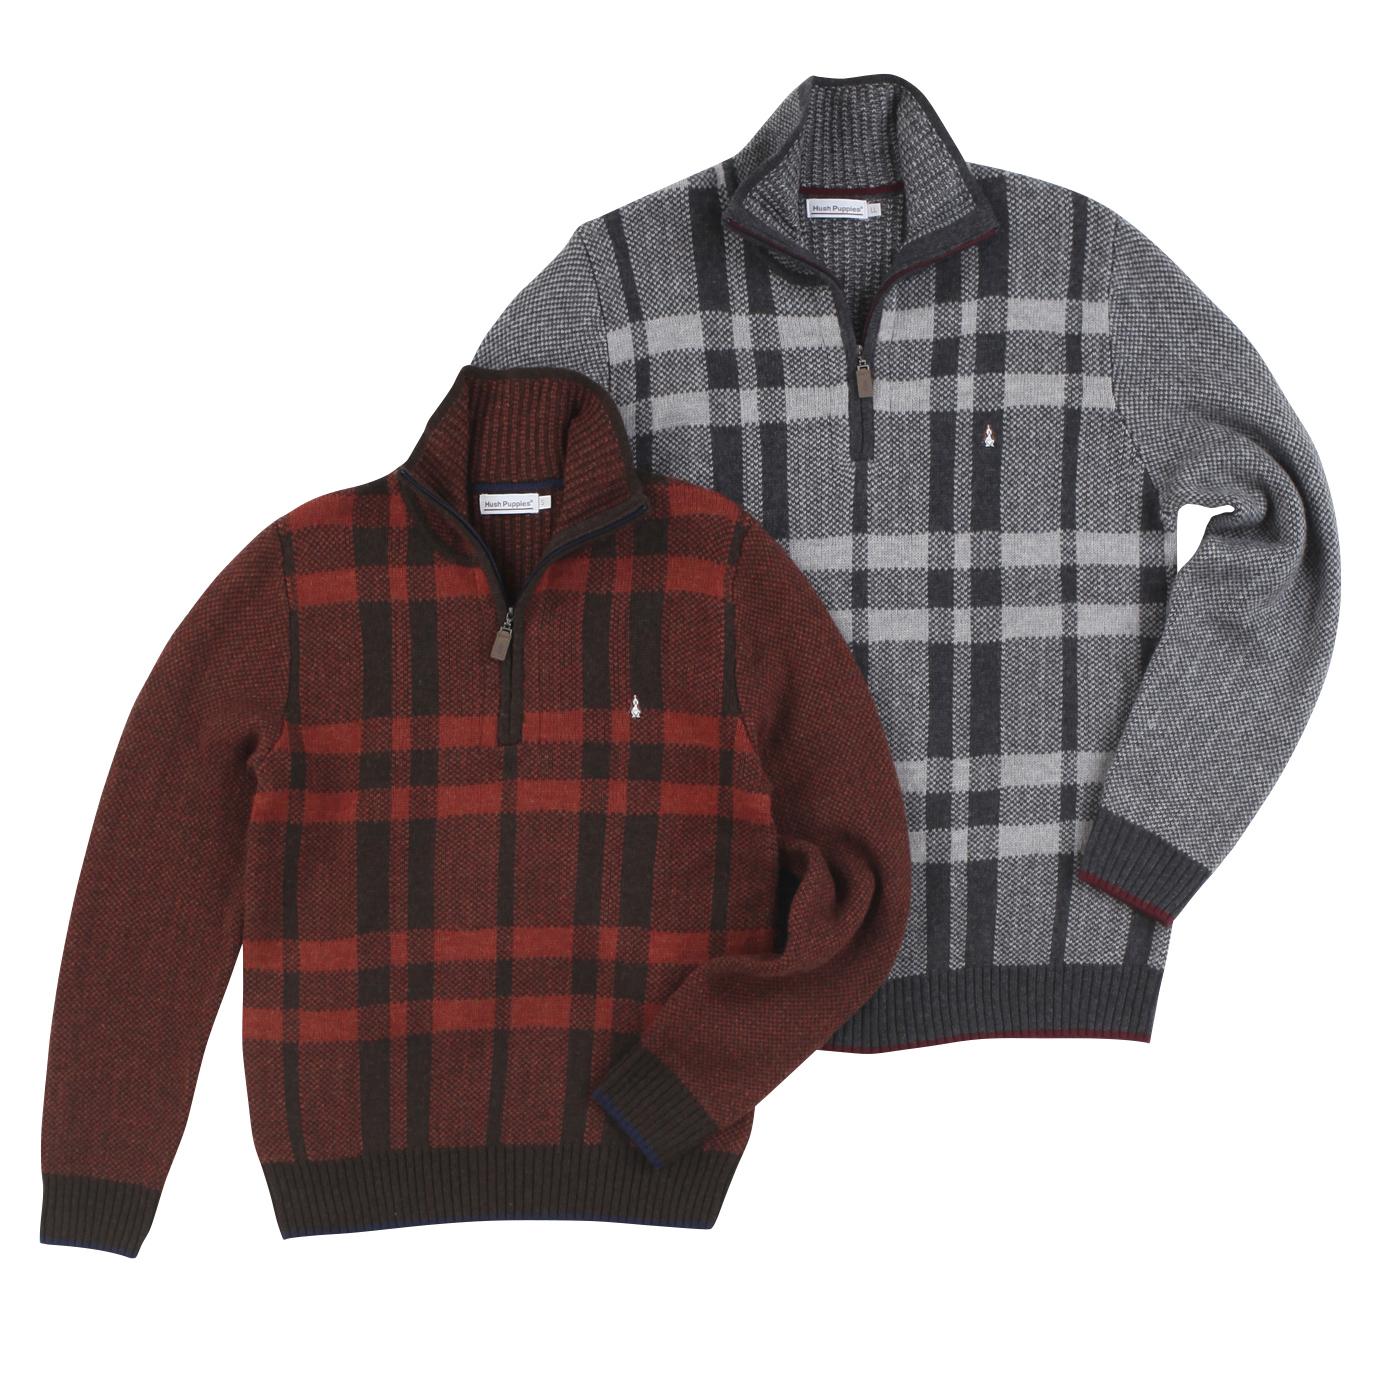 JQチェックハーフZIPセーター商品画像